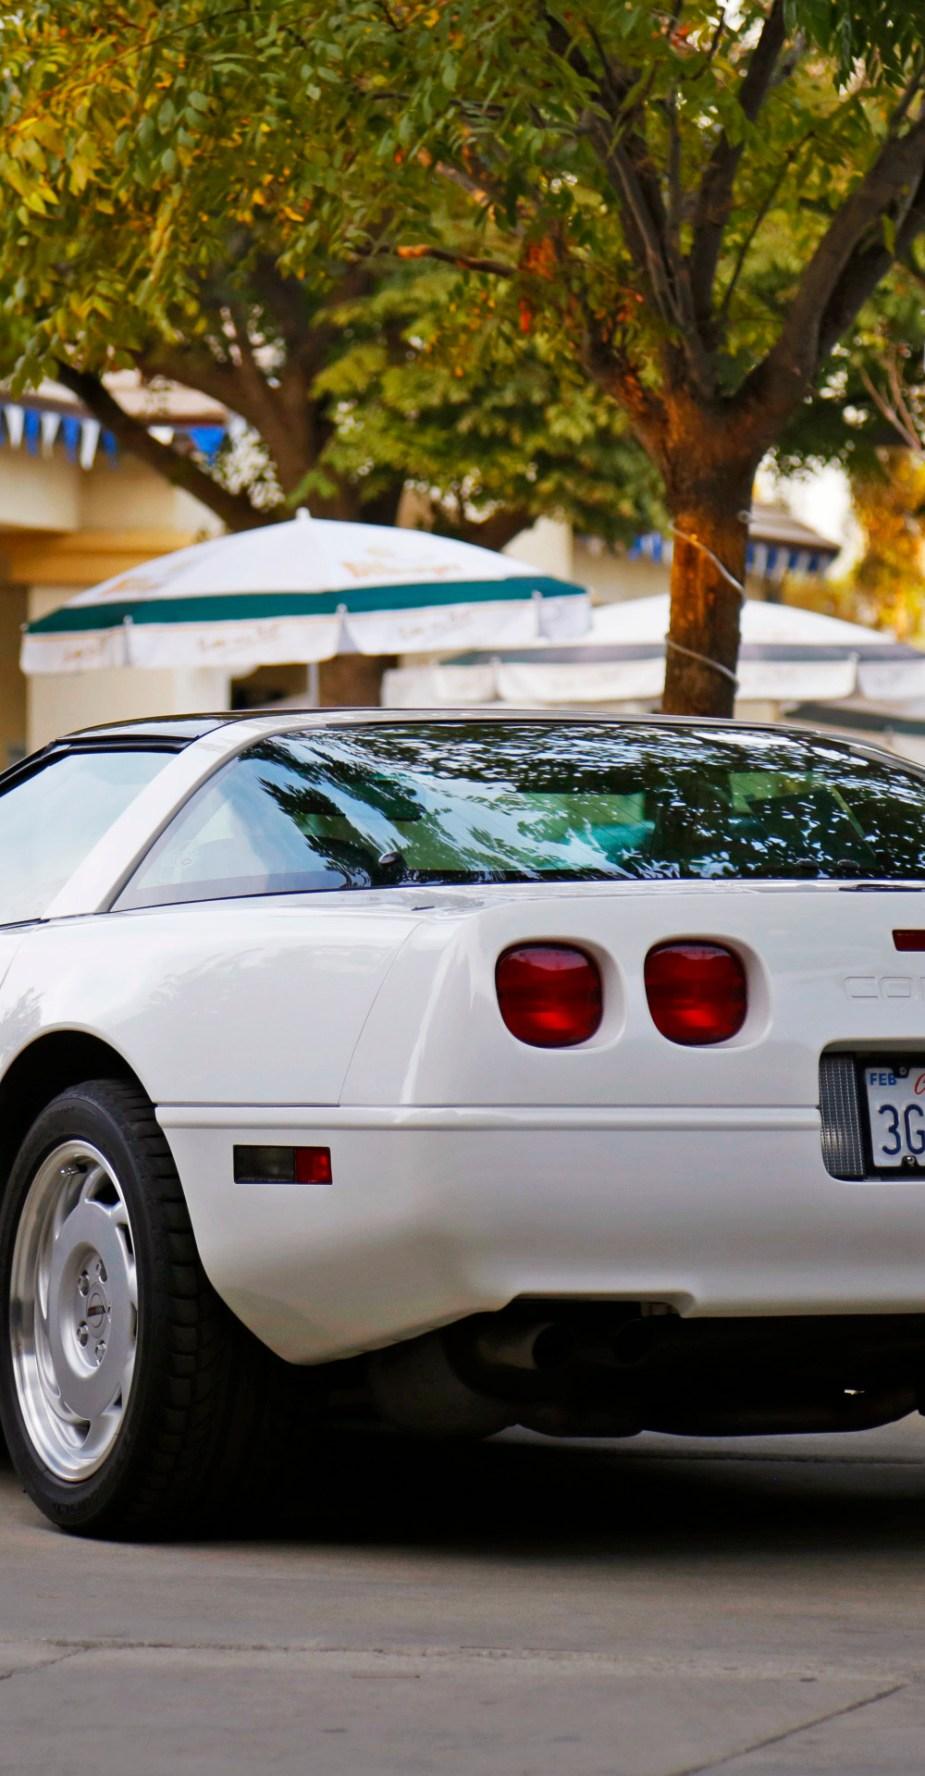 CorvetteForum Picks This 1991 L98 C4 as Best Corvette at